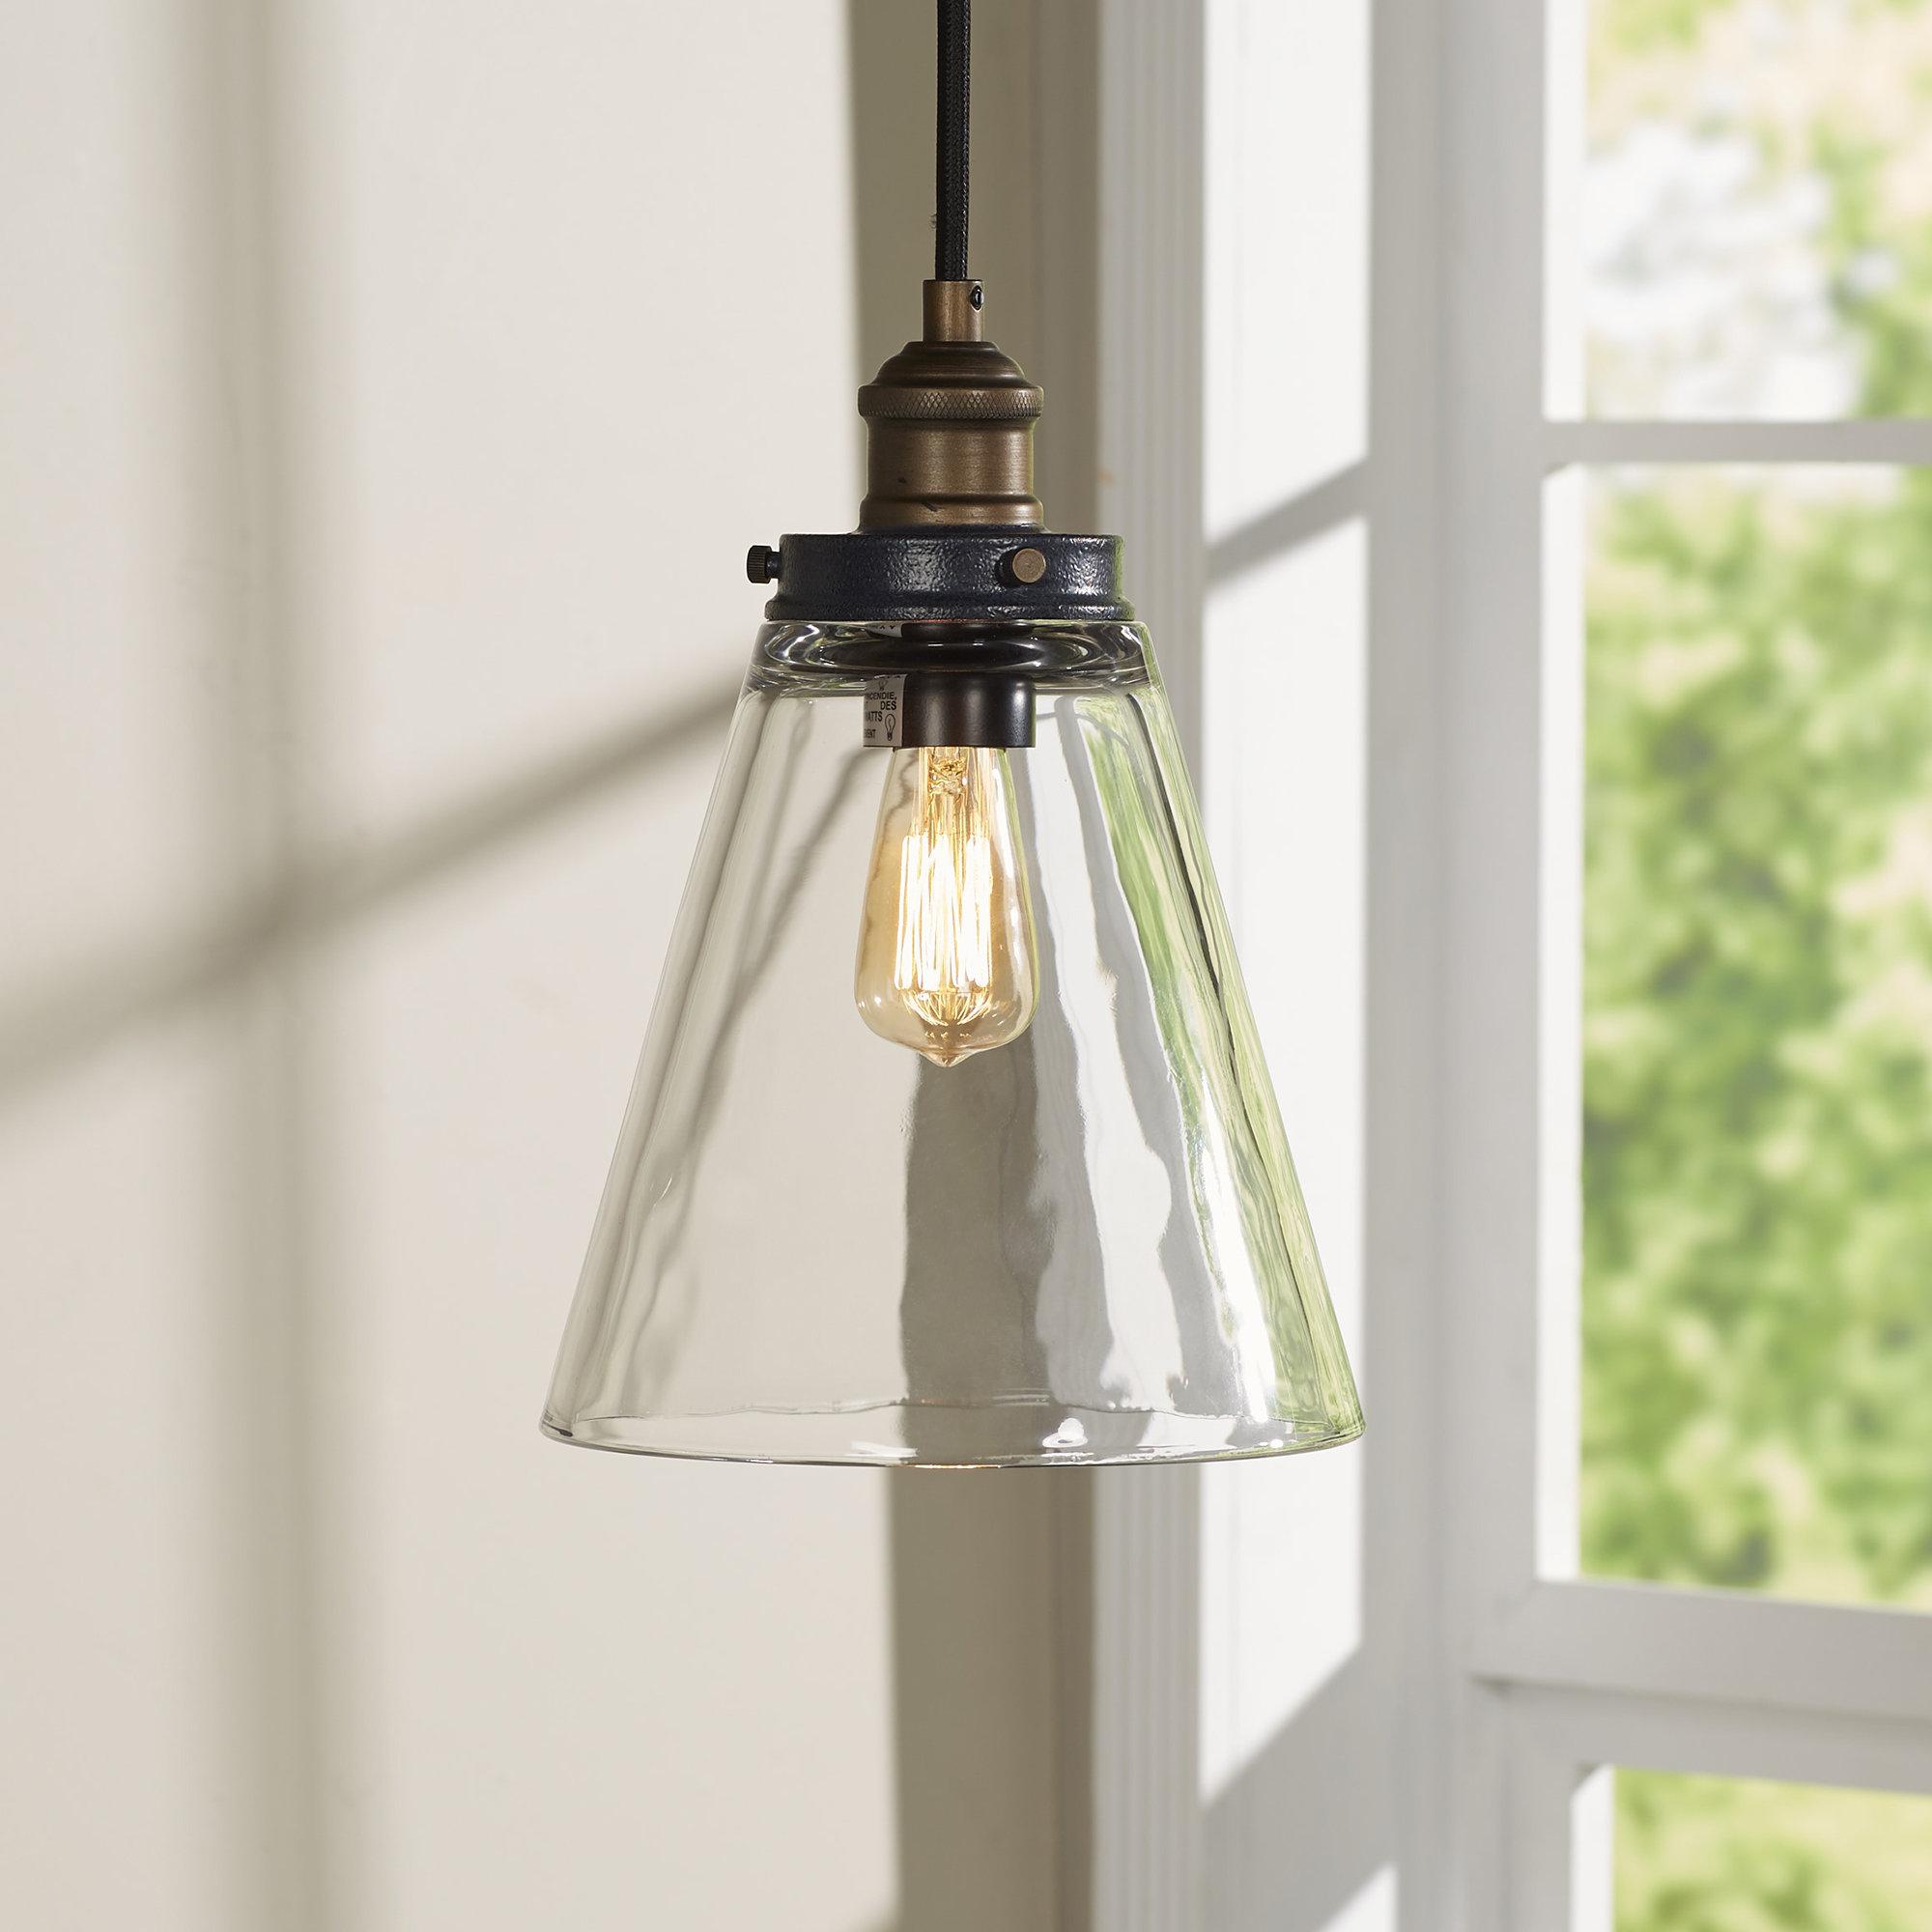 Bedford 1 Light Bell Pendant Regarding Akakios 1 Light Single Bell Pendants (Image 8 of 30)